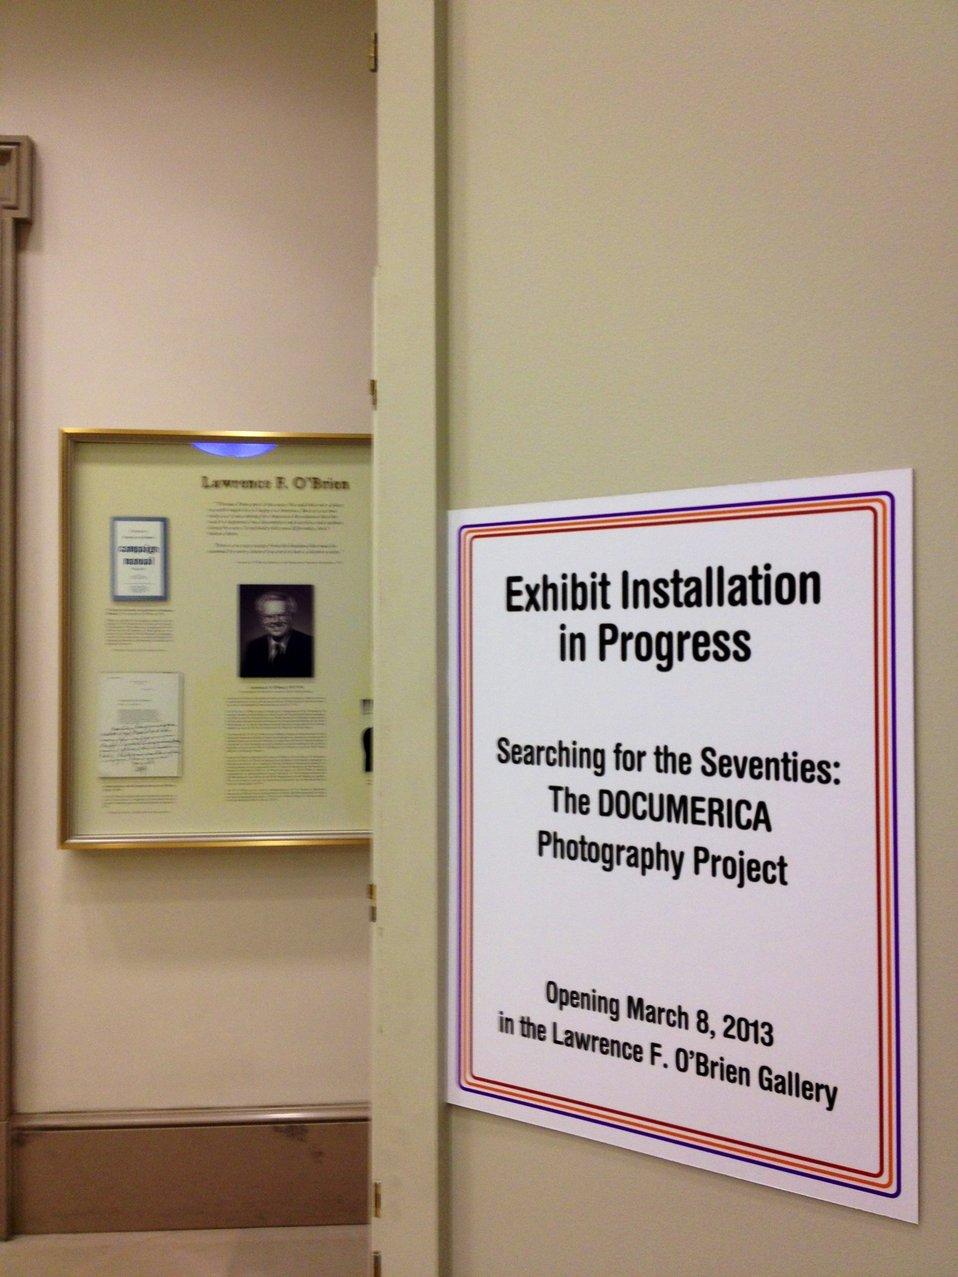 Documerica Installation Begins